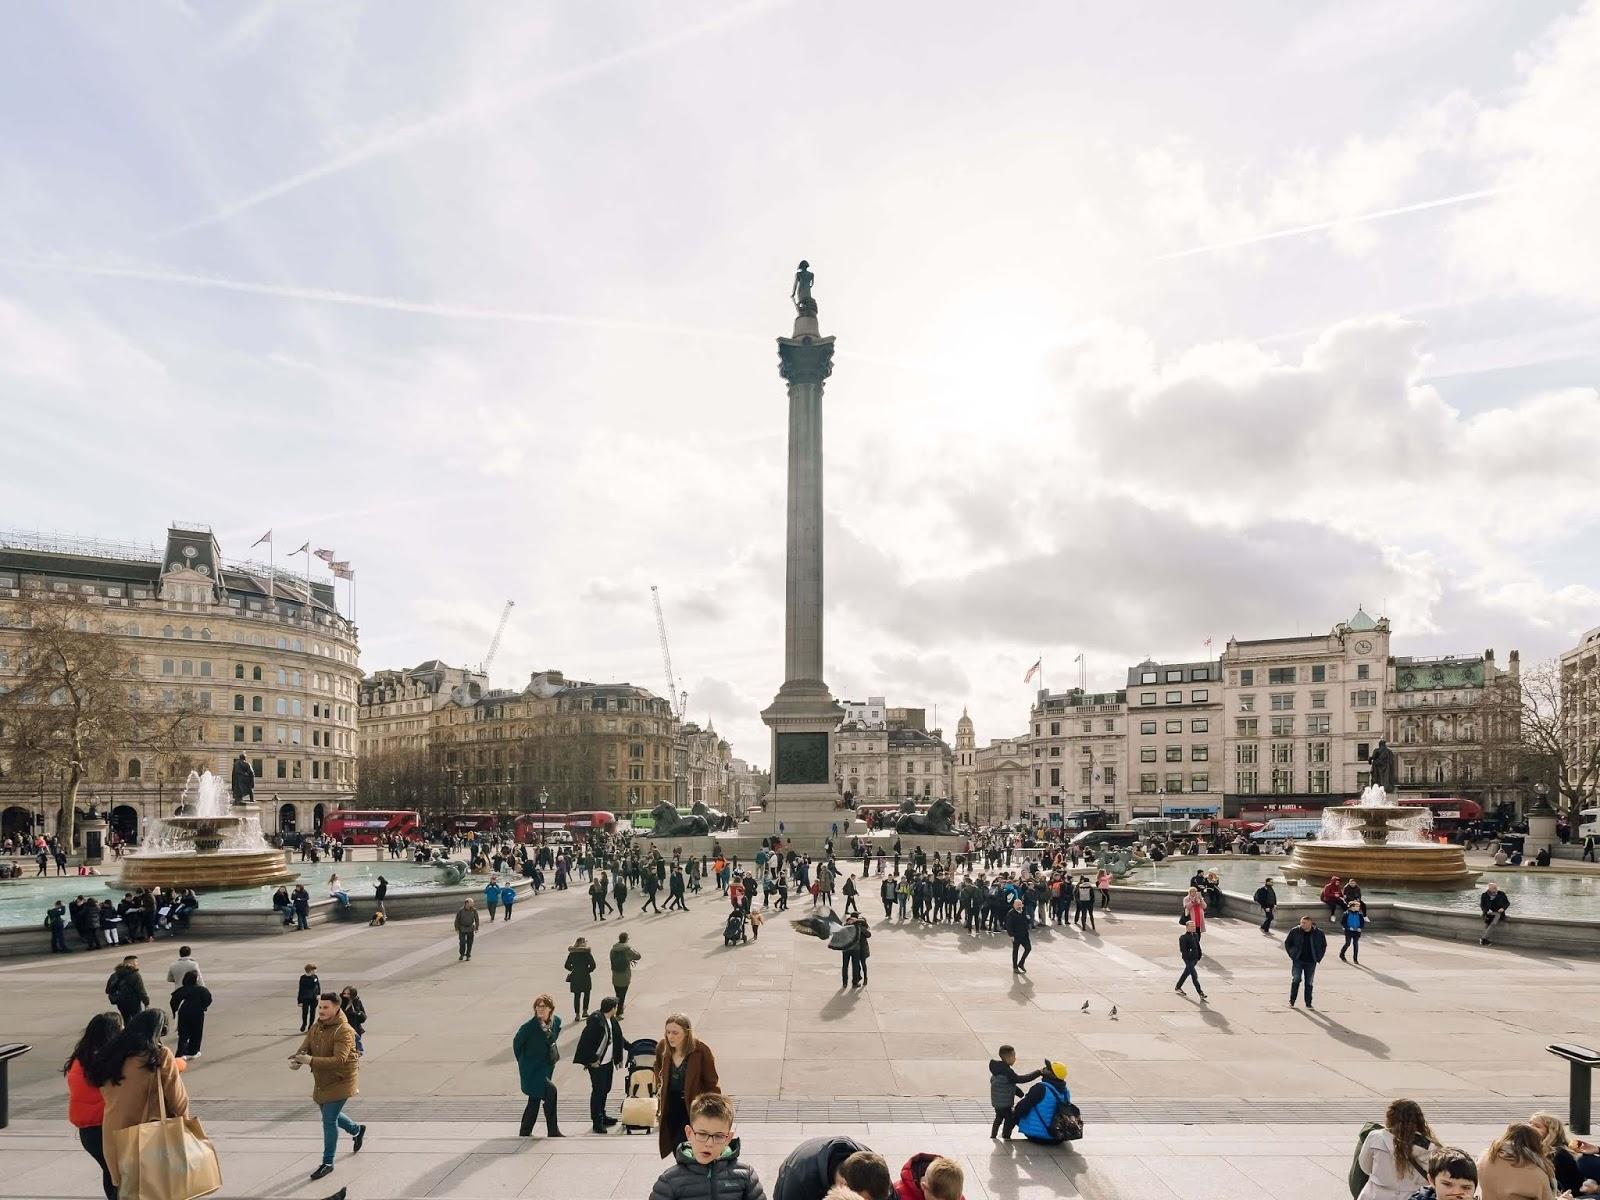 Londra'da Bir Günde Gezilebilecek Yerler